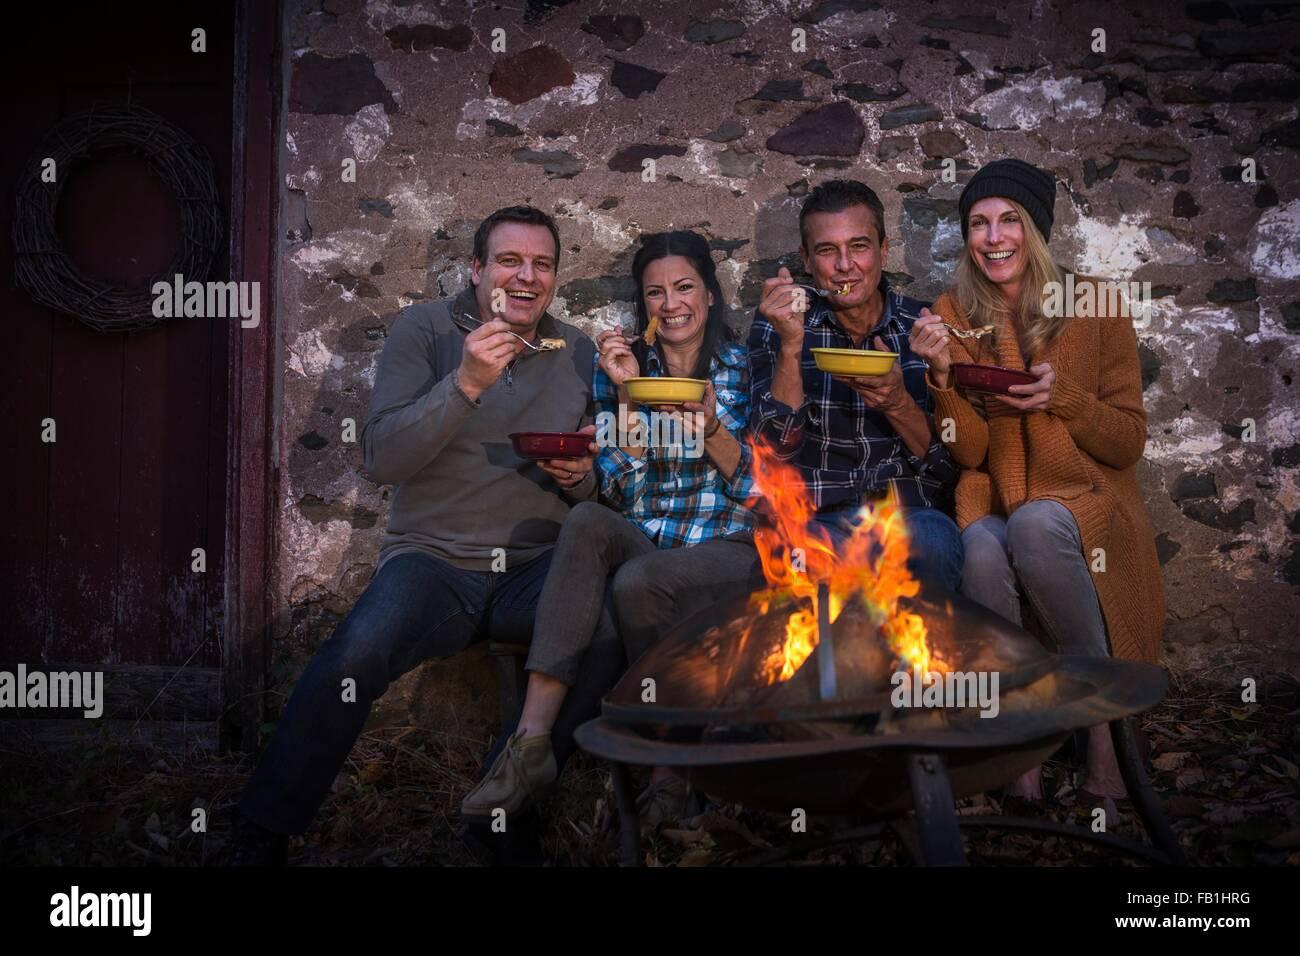 Ritratto di due coppie mature mangiare davanti al fuoco di notte Immagini Stock